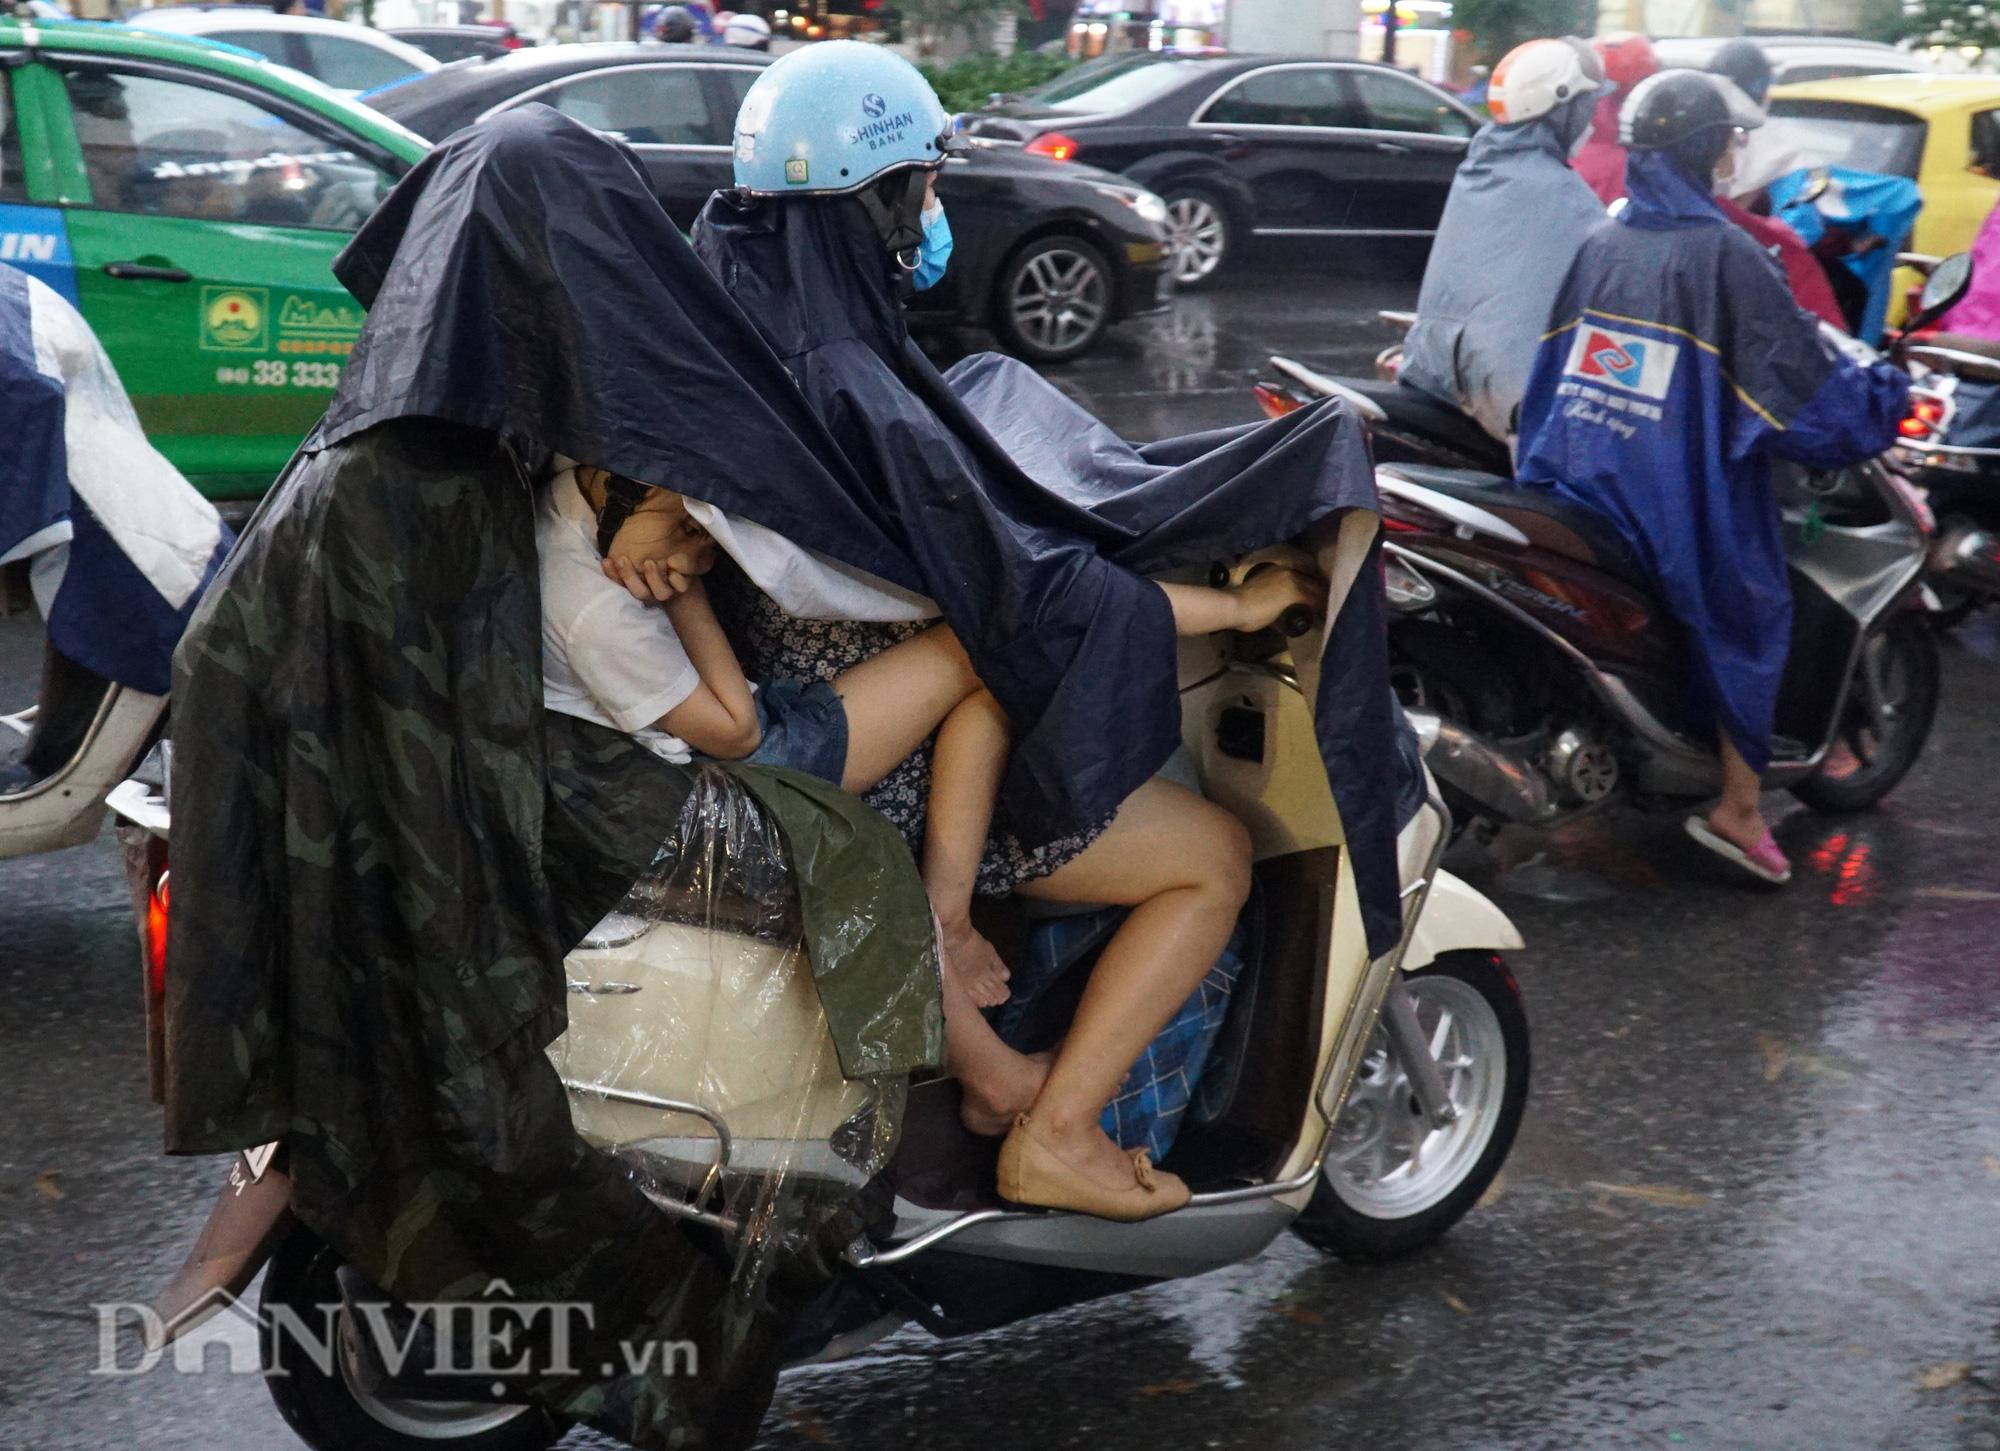 Hà Nội giảm 10 độ sau cơn mưa vàng - Ảnh 6.